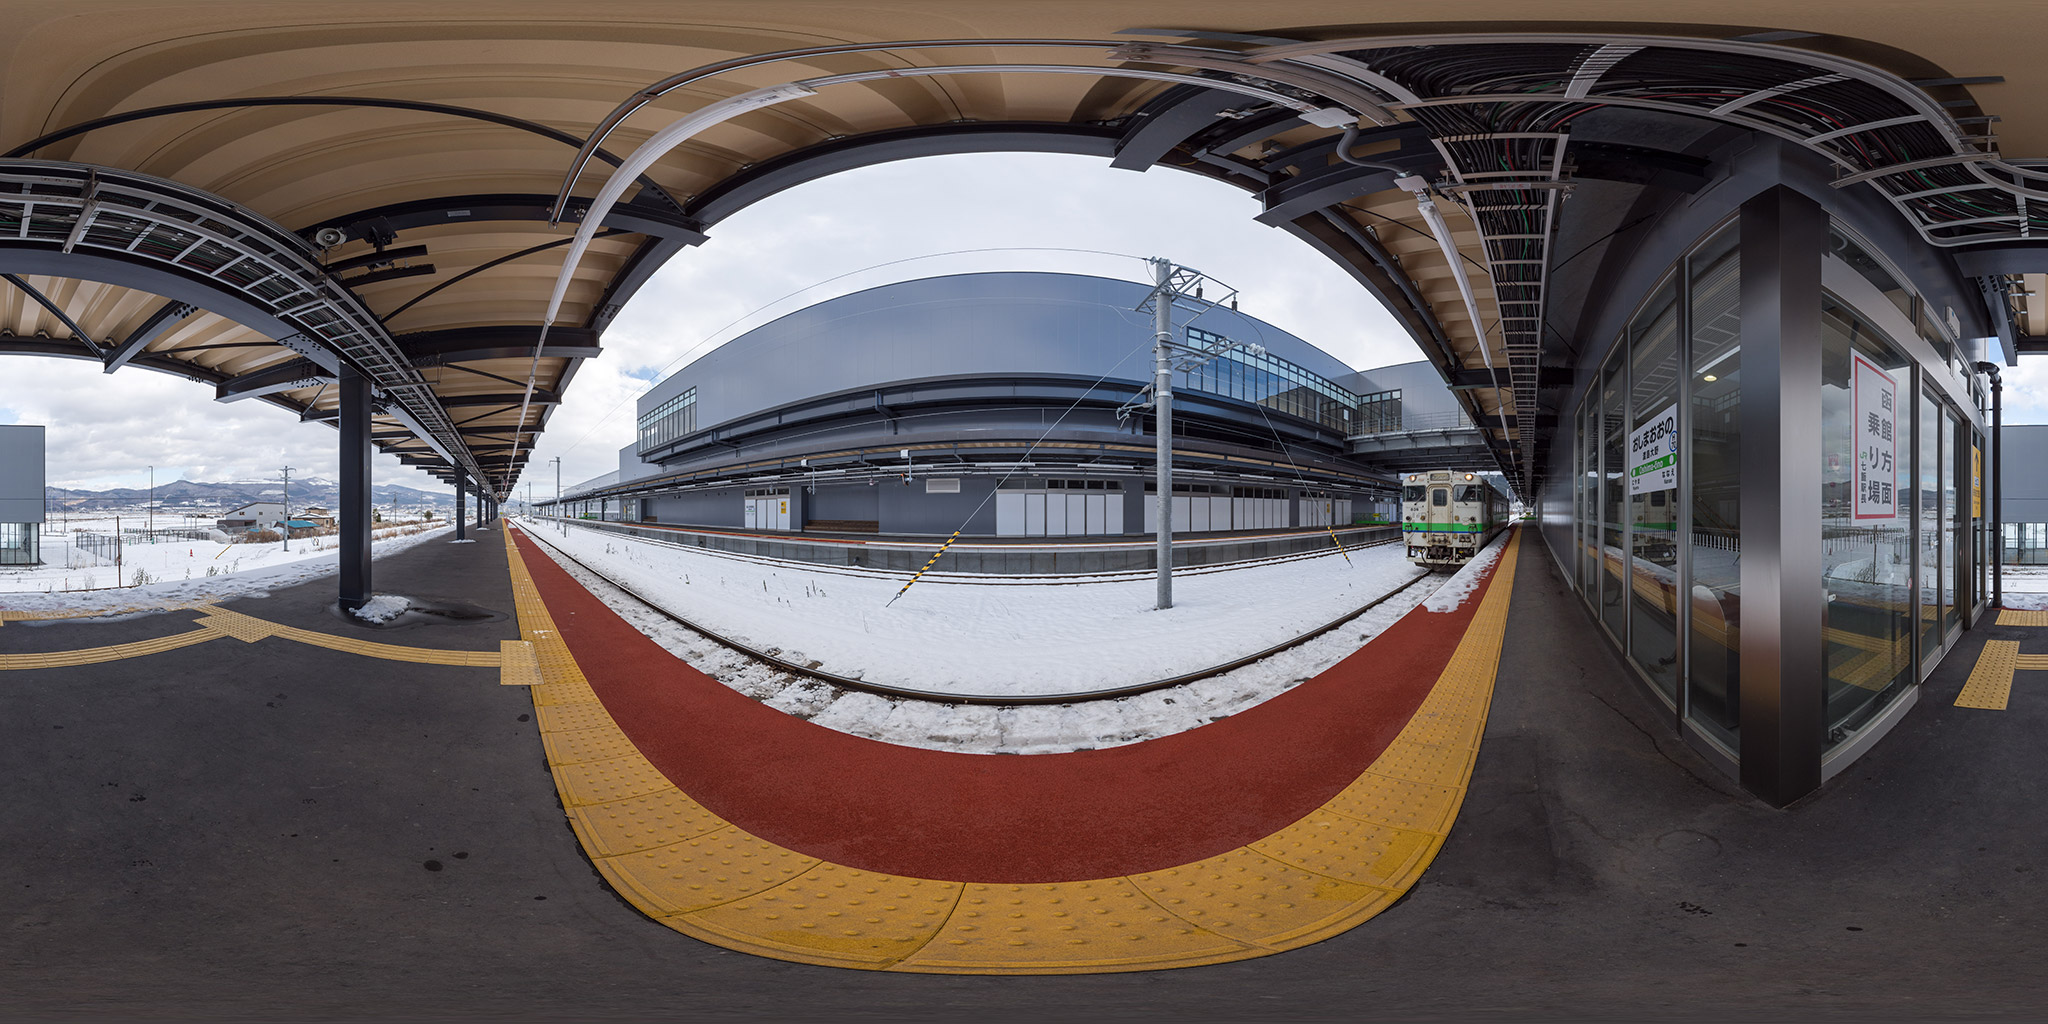 2015年12月に撮影した渡島大野駅